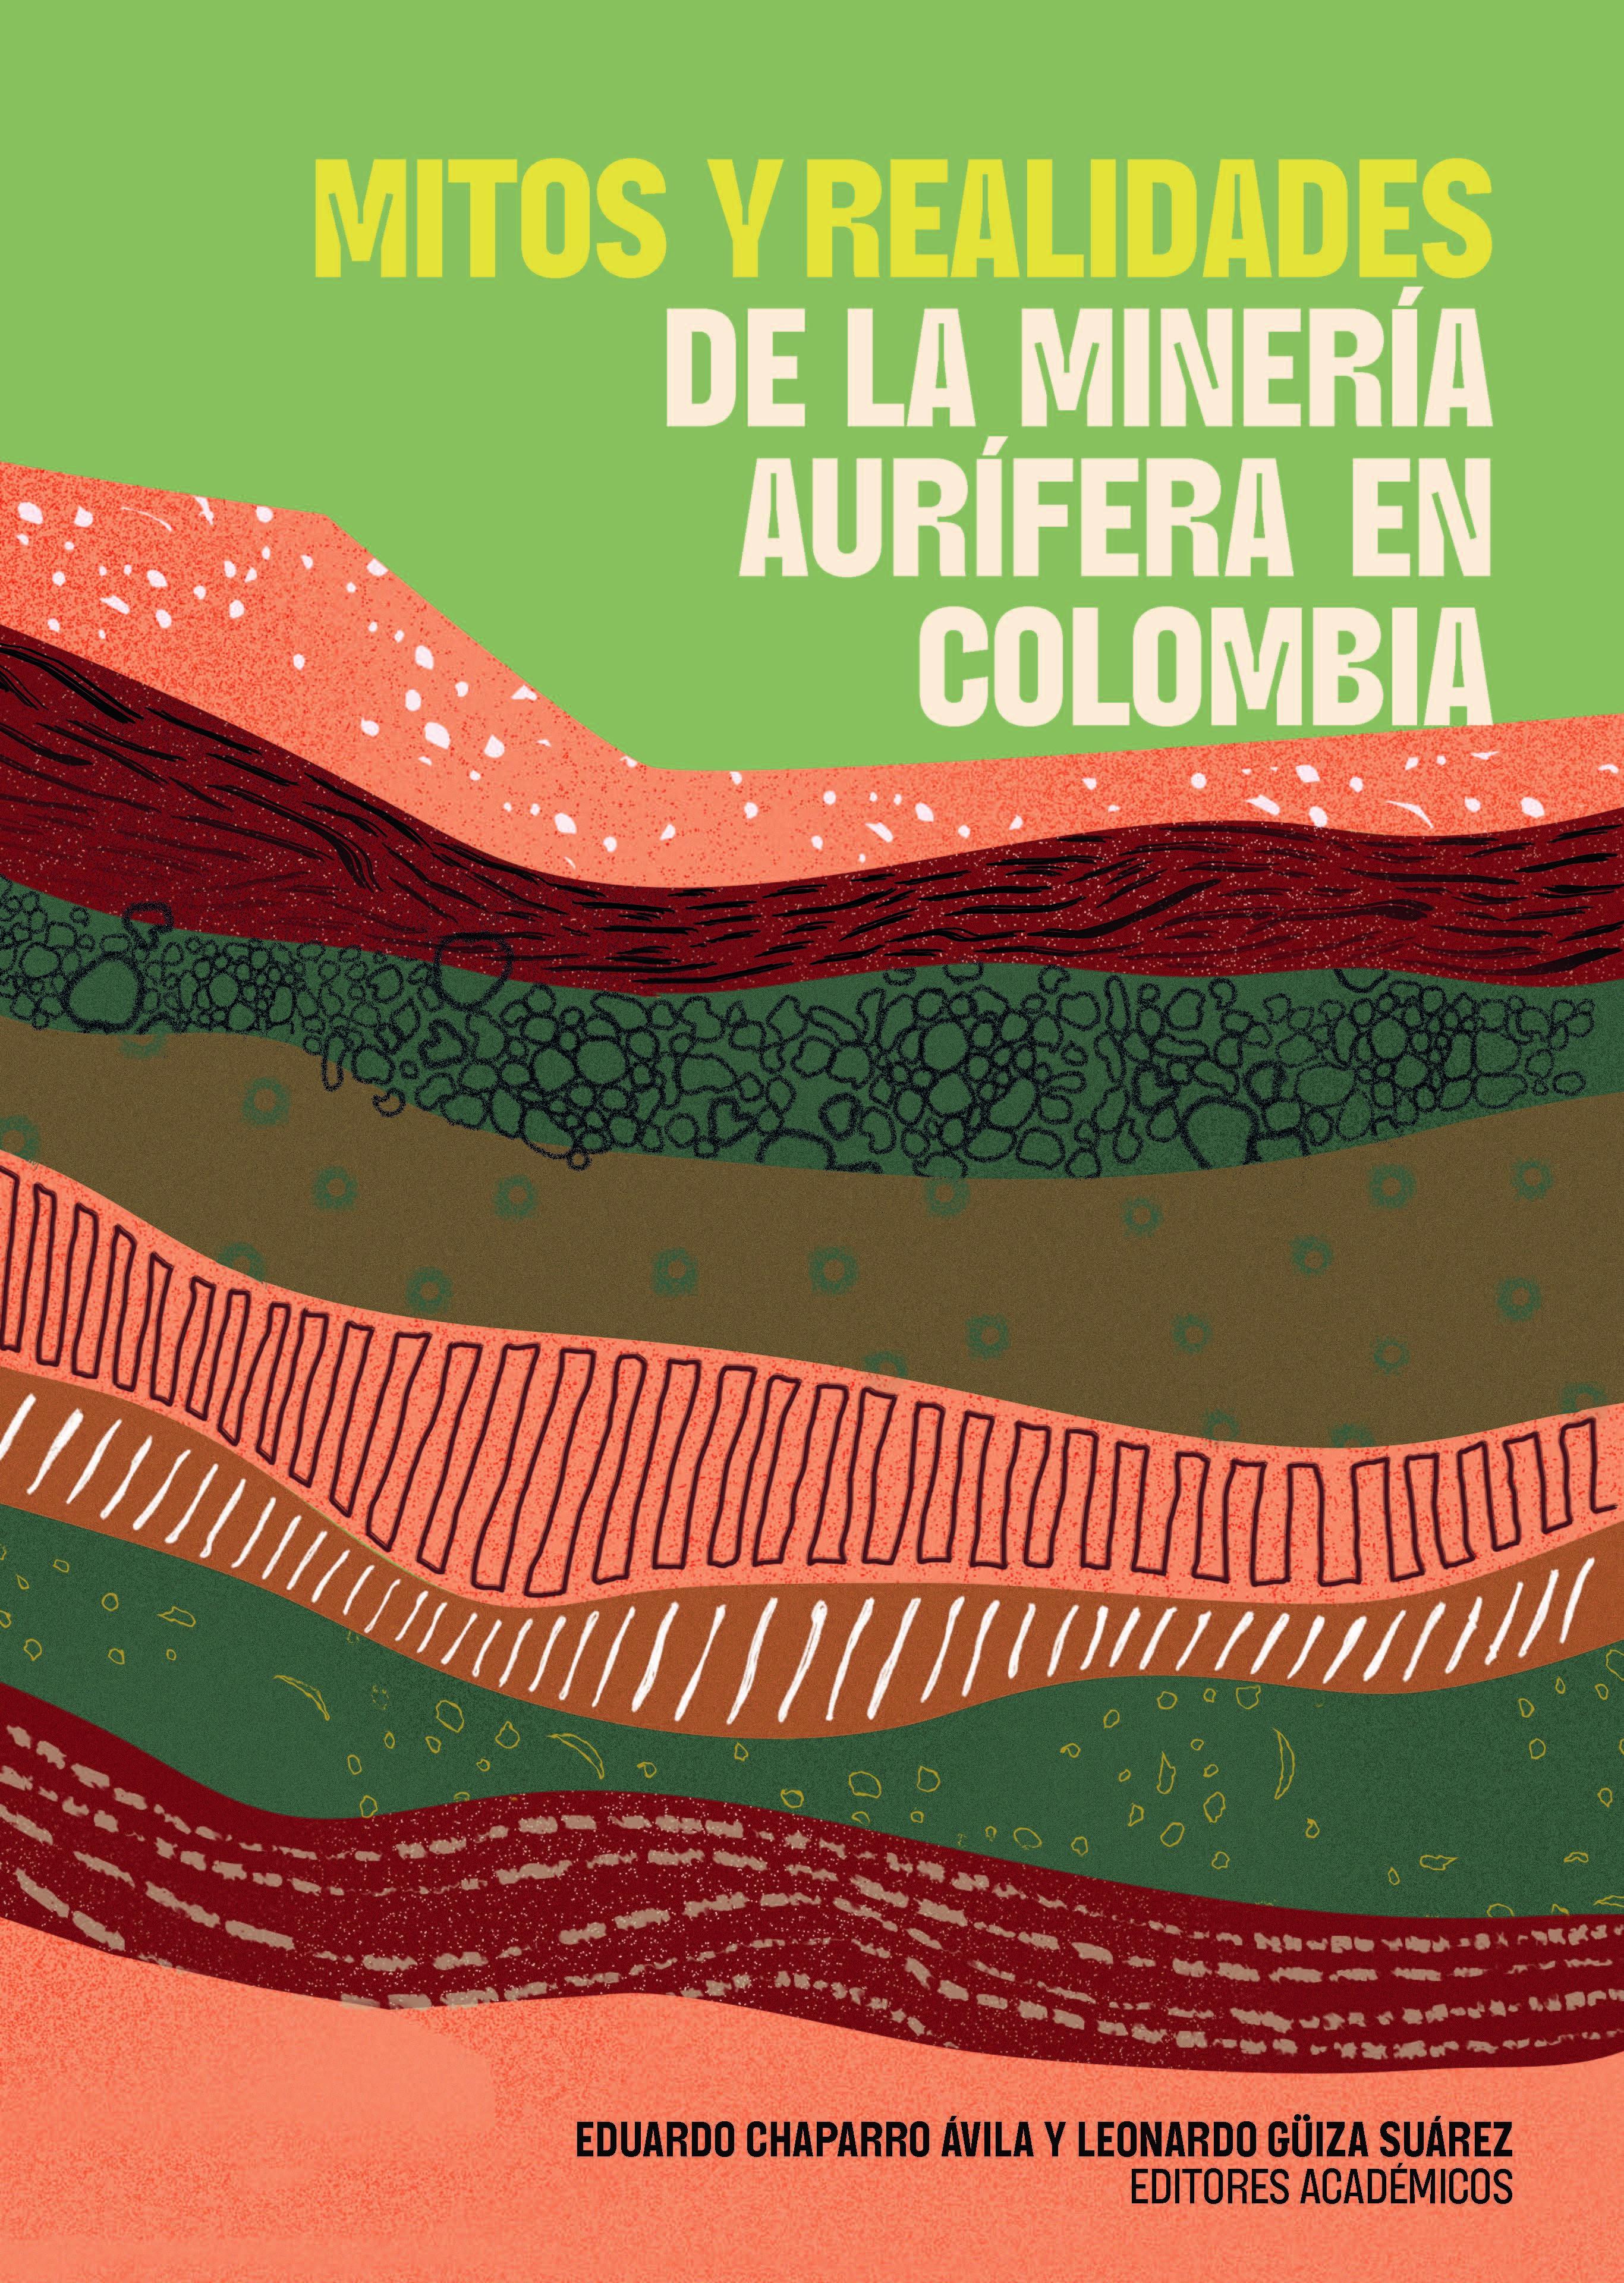 Mitos y realidades de la minería aurífera en Colombia